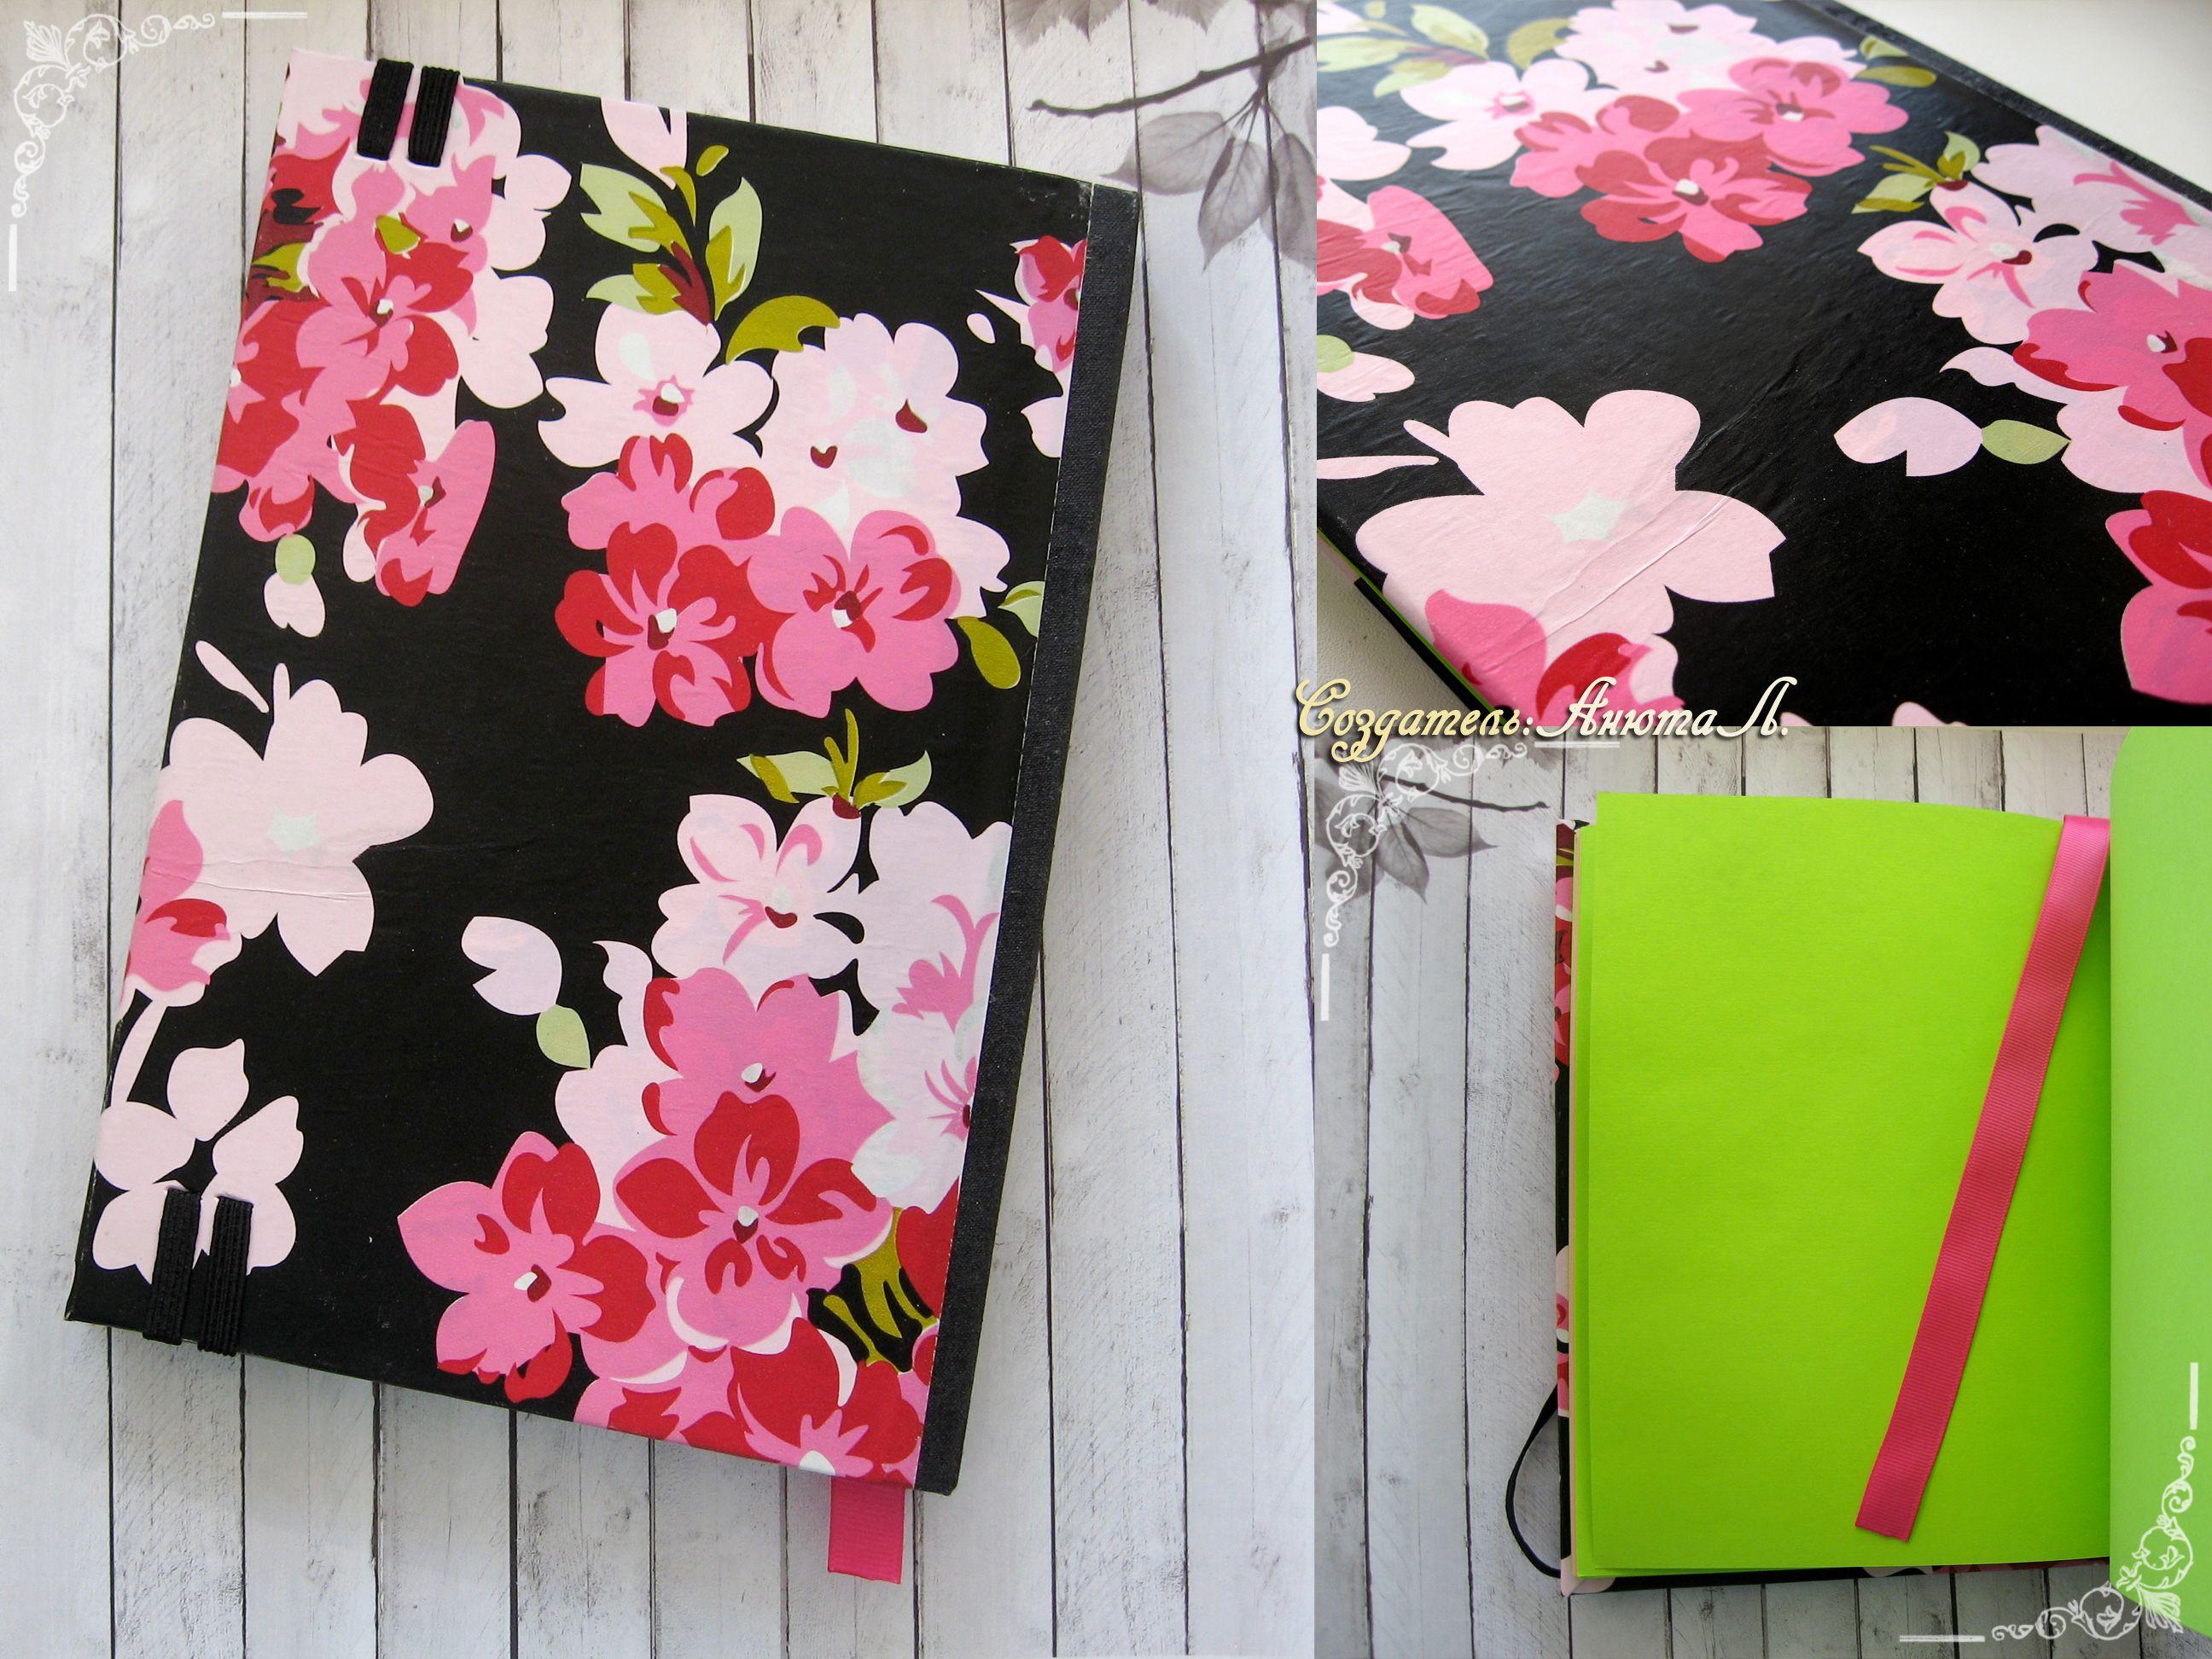 личныйдневник сакура вишня notebook блокнот